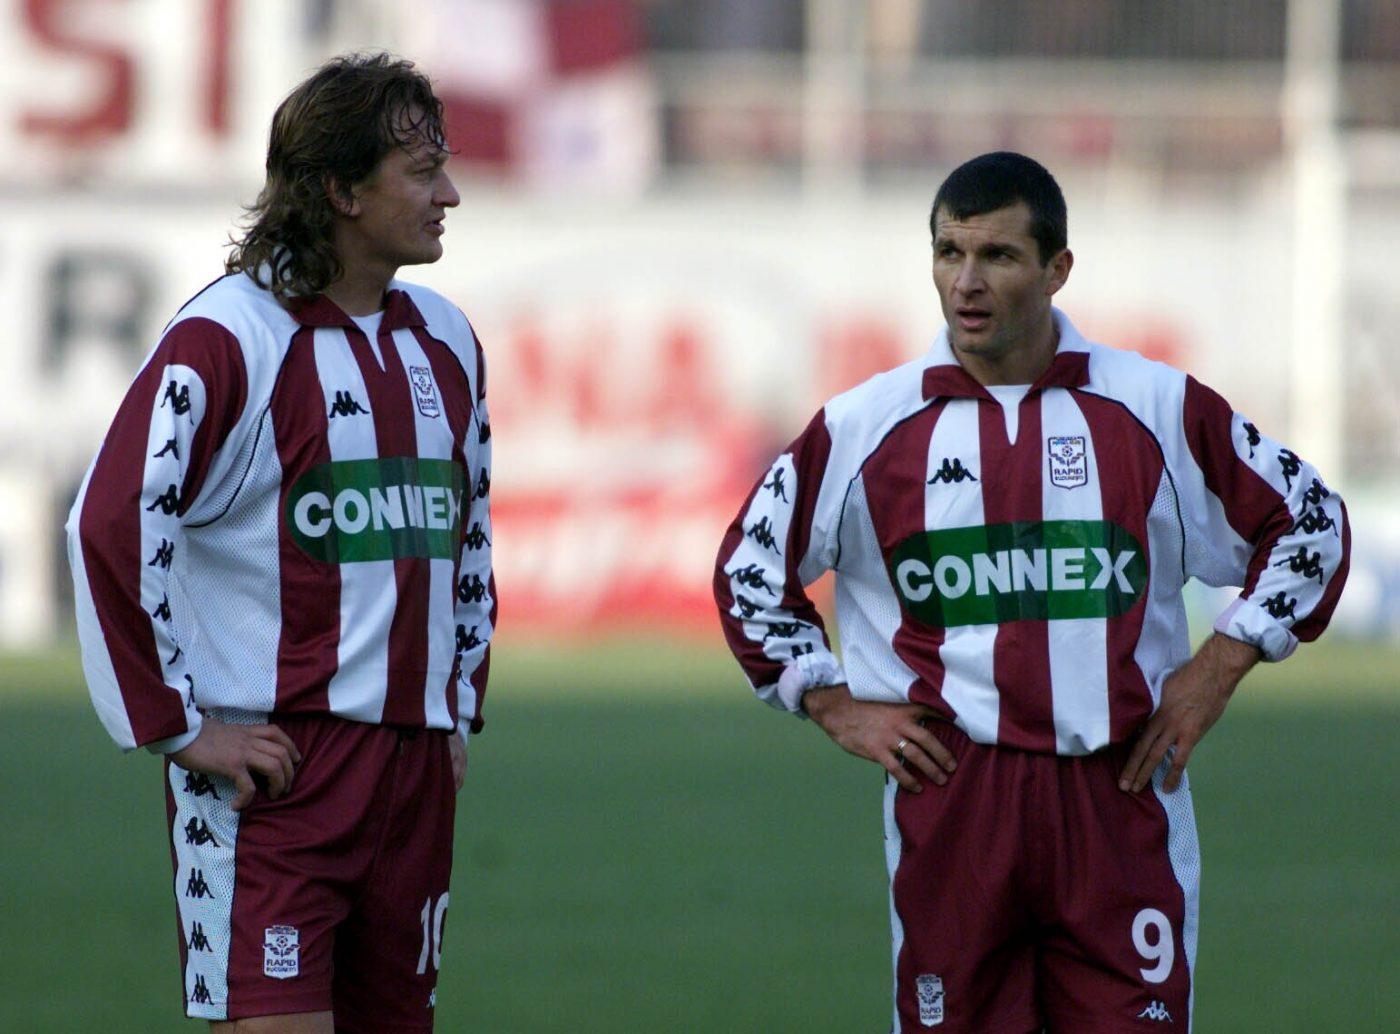 Dănuț Lupu (stânga) și Neluțu Sabău (dreapta) în 1999, când jucau la Rapid și erau echipați de Kappa. Așa ar fi dorit Niculae să arate noile tricouri ale Rapidului, dacă giuleștenii nu ar fi ajuns la un acord cu Nike